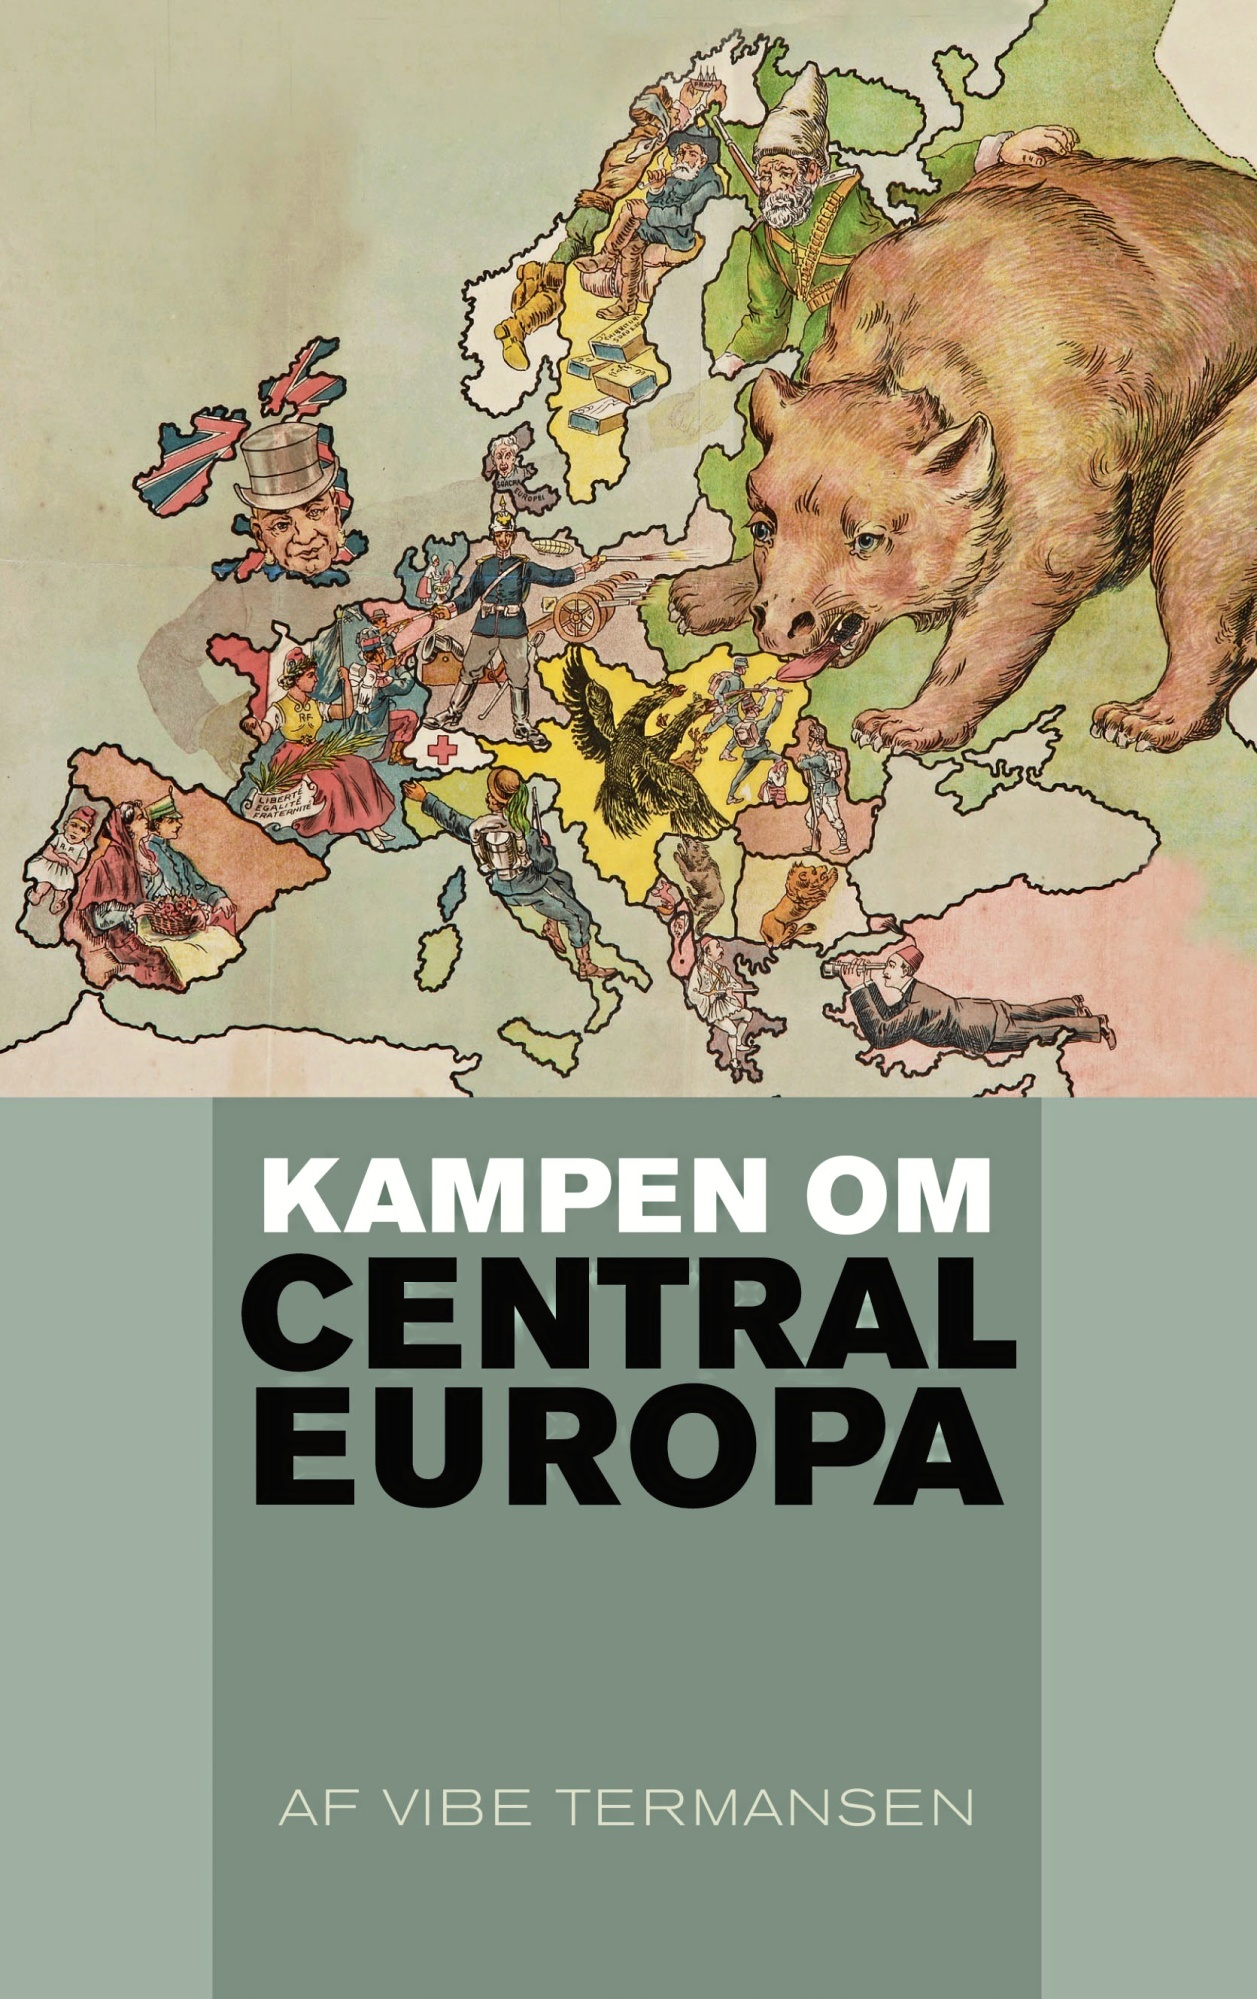 Bliv klogere på Polen, Ungarn - og Europa